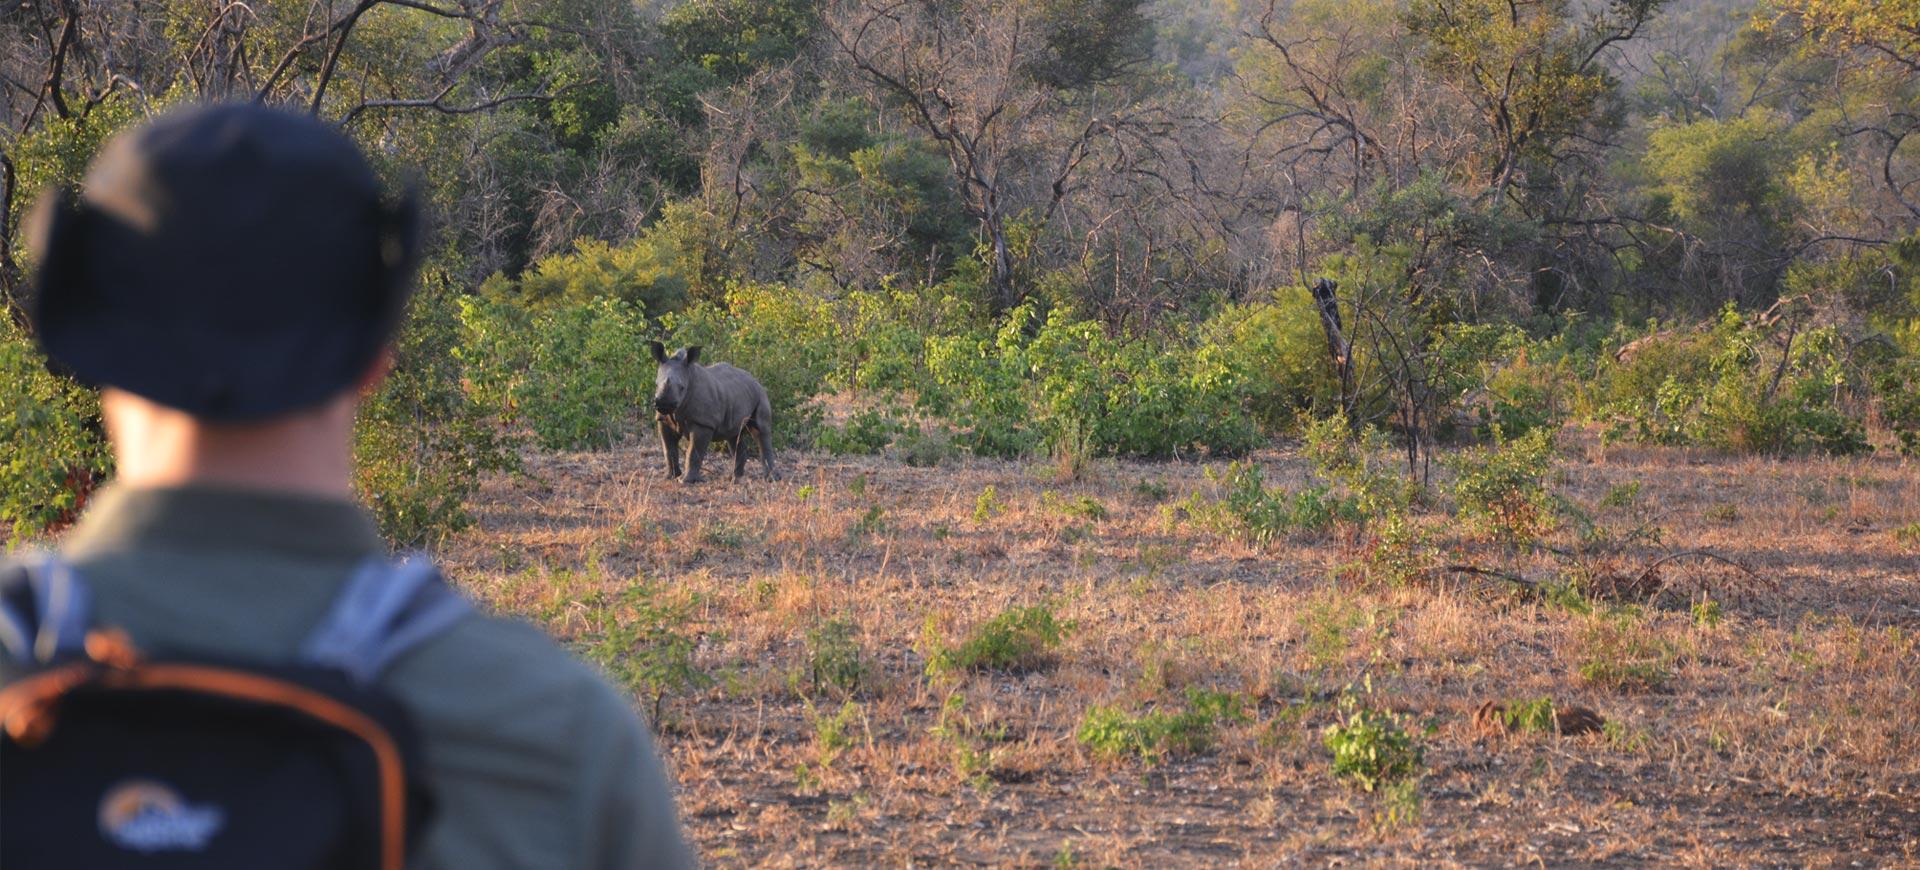 Guided Walking Kruger